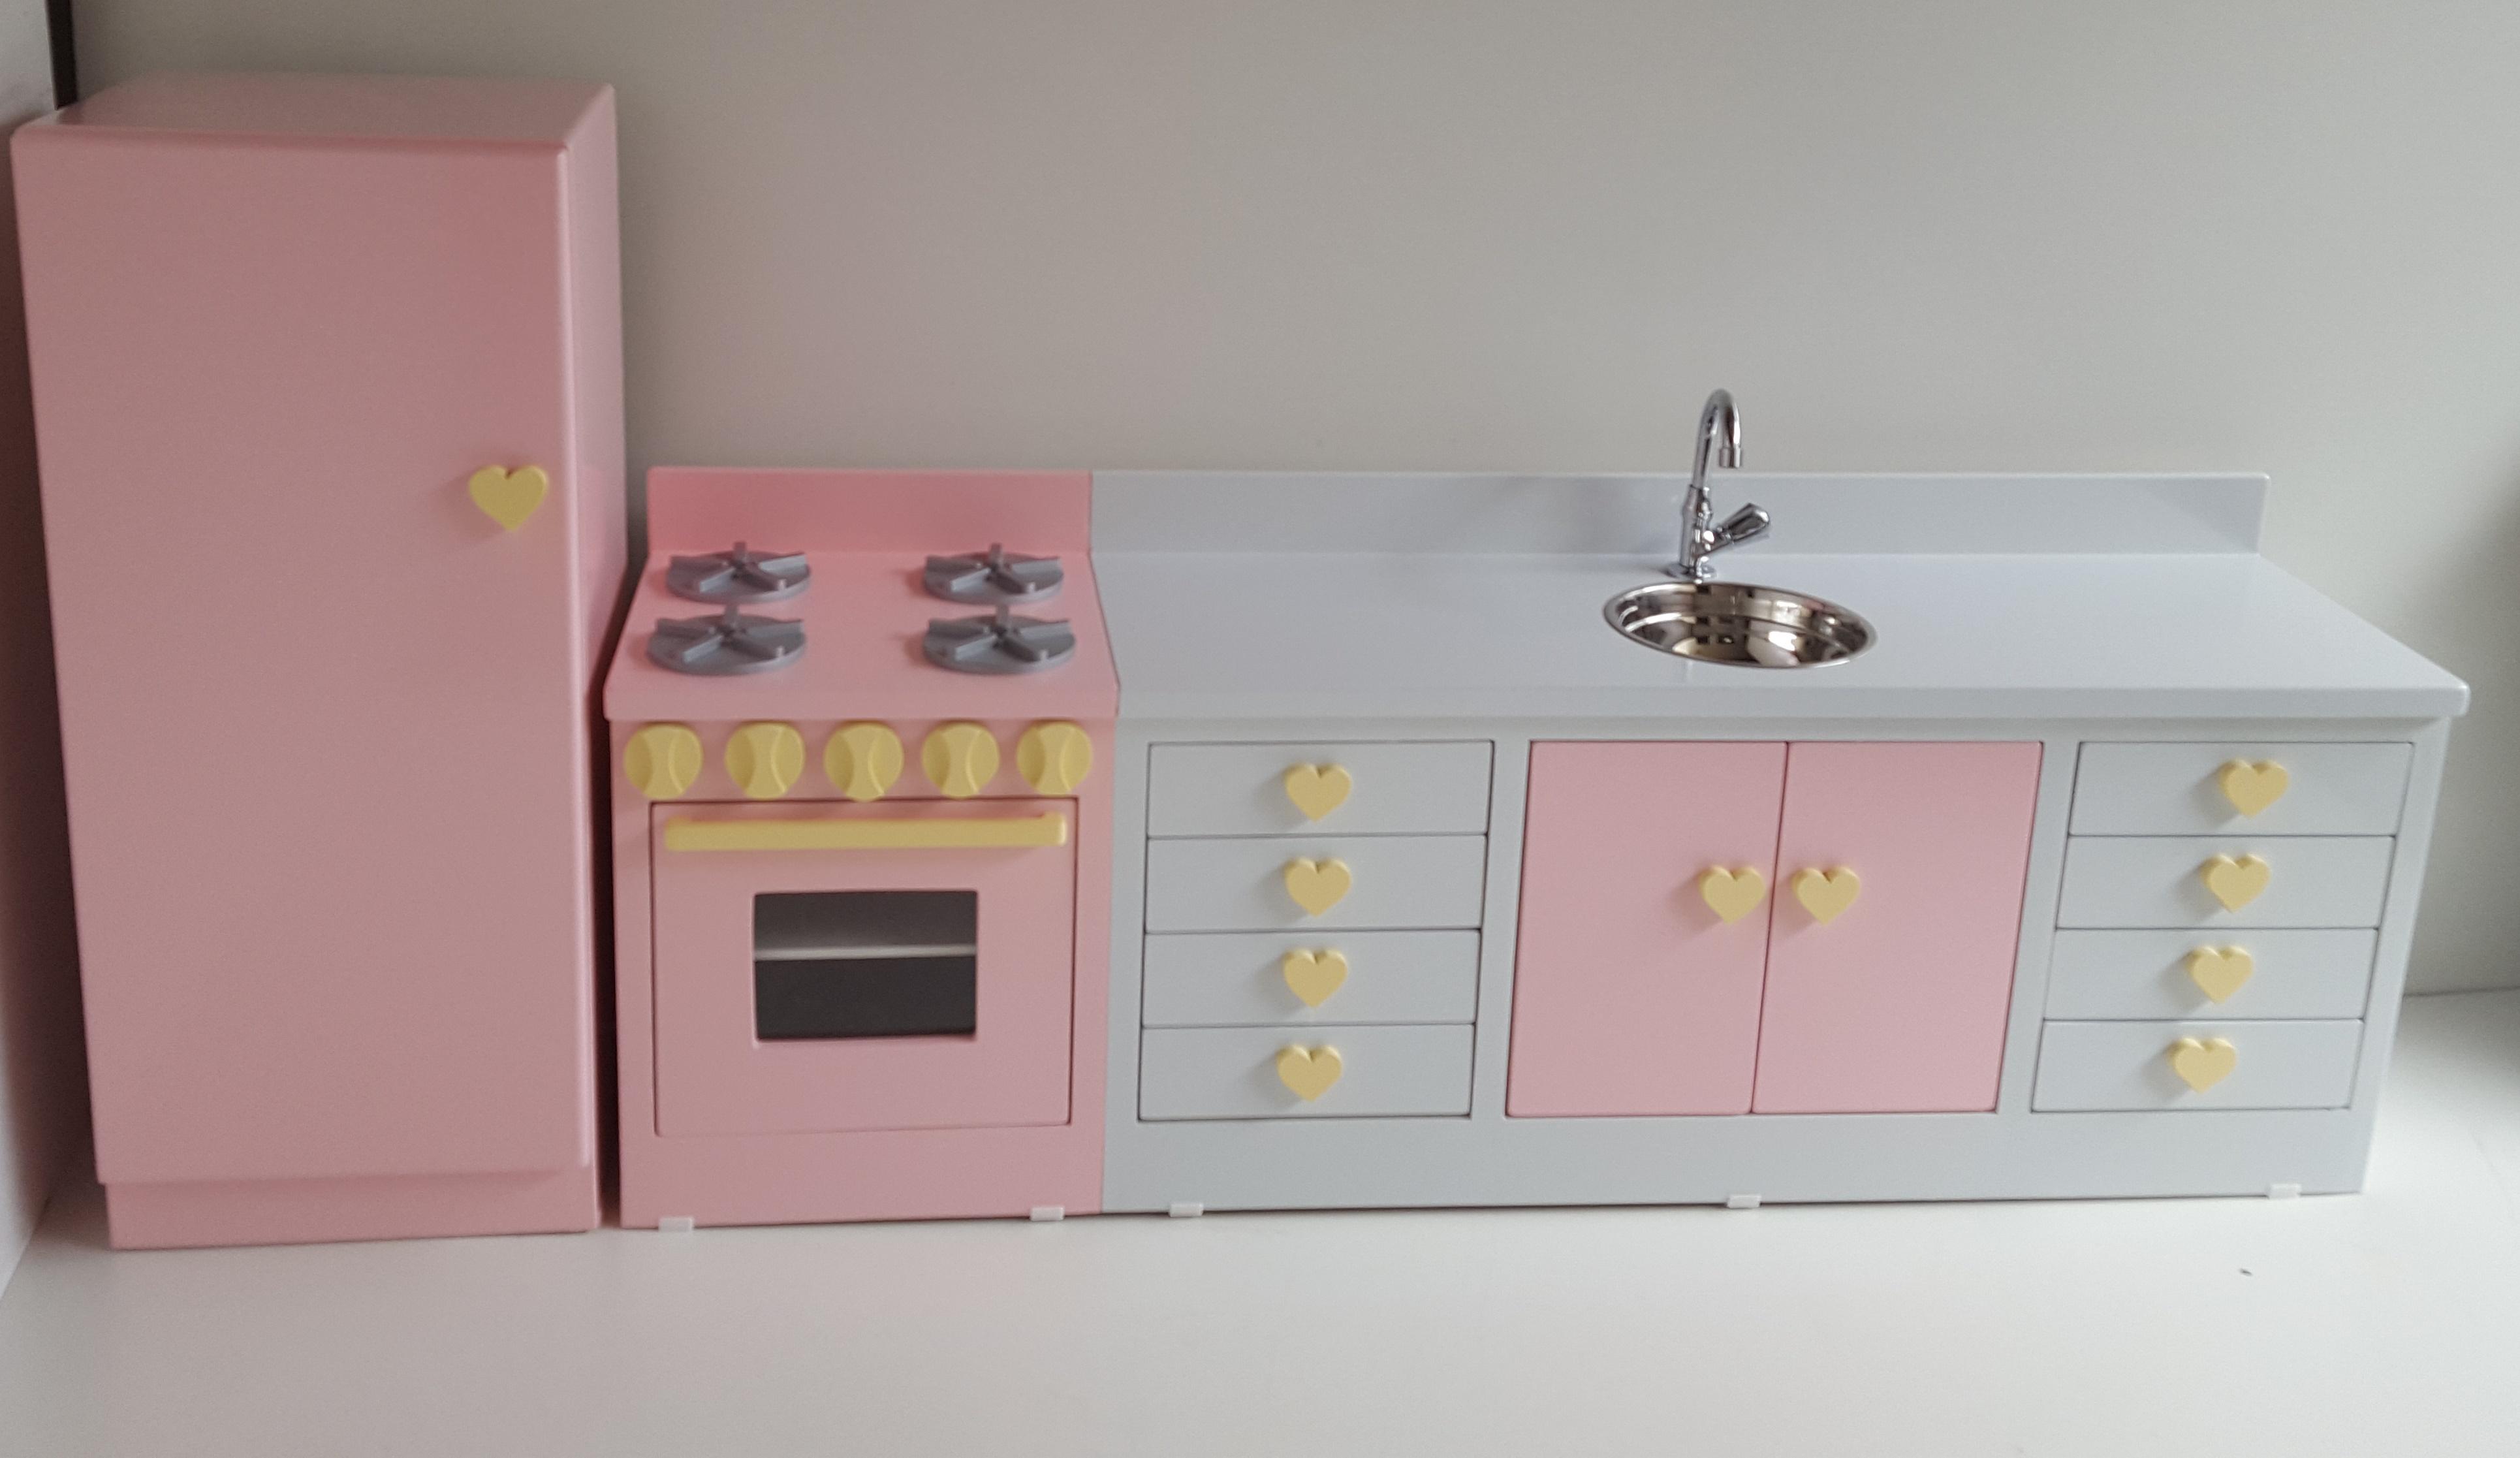 Cozinha Infantil Prime Rossi Planejada No Elo7 Ateli Nelma